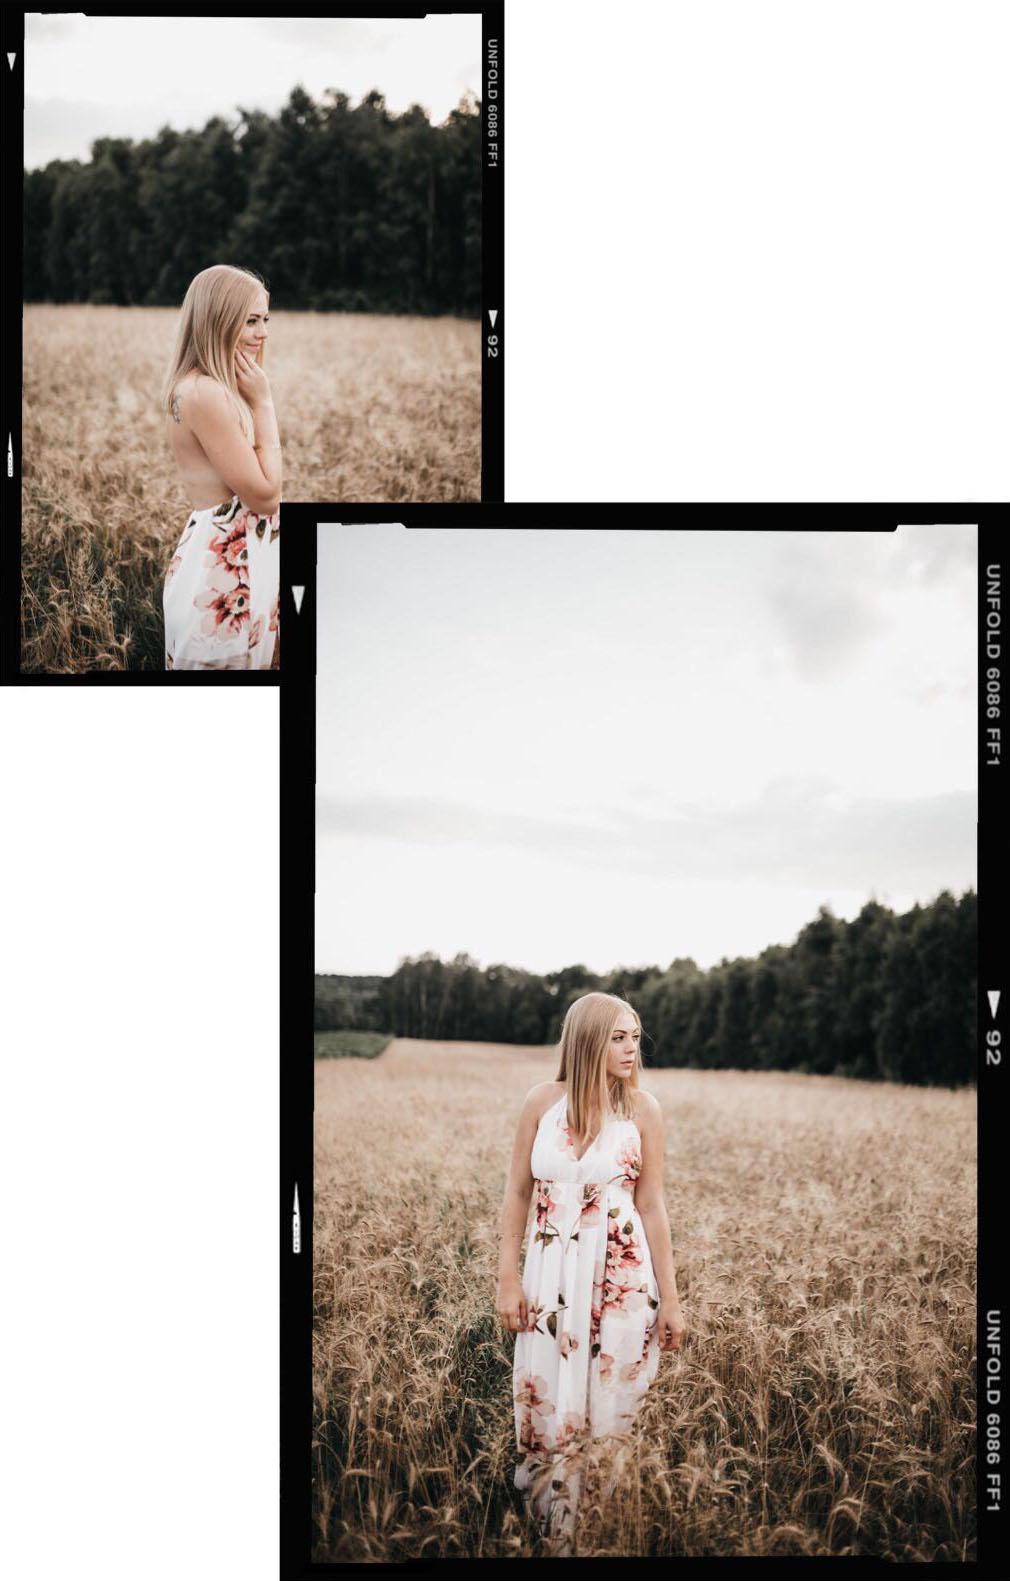 Sukienka maxi na lato, maxi, sukienka